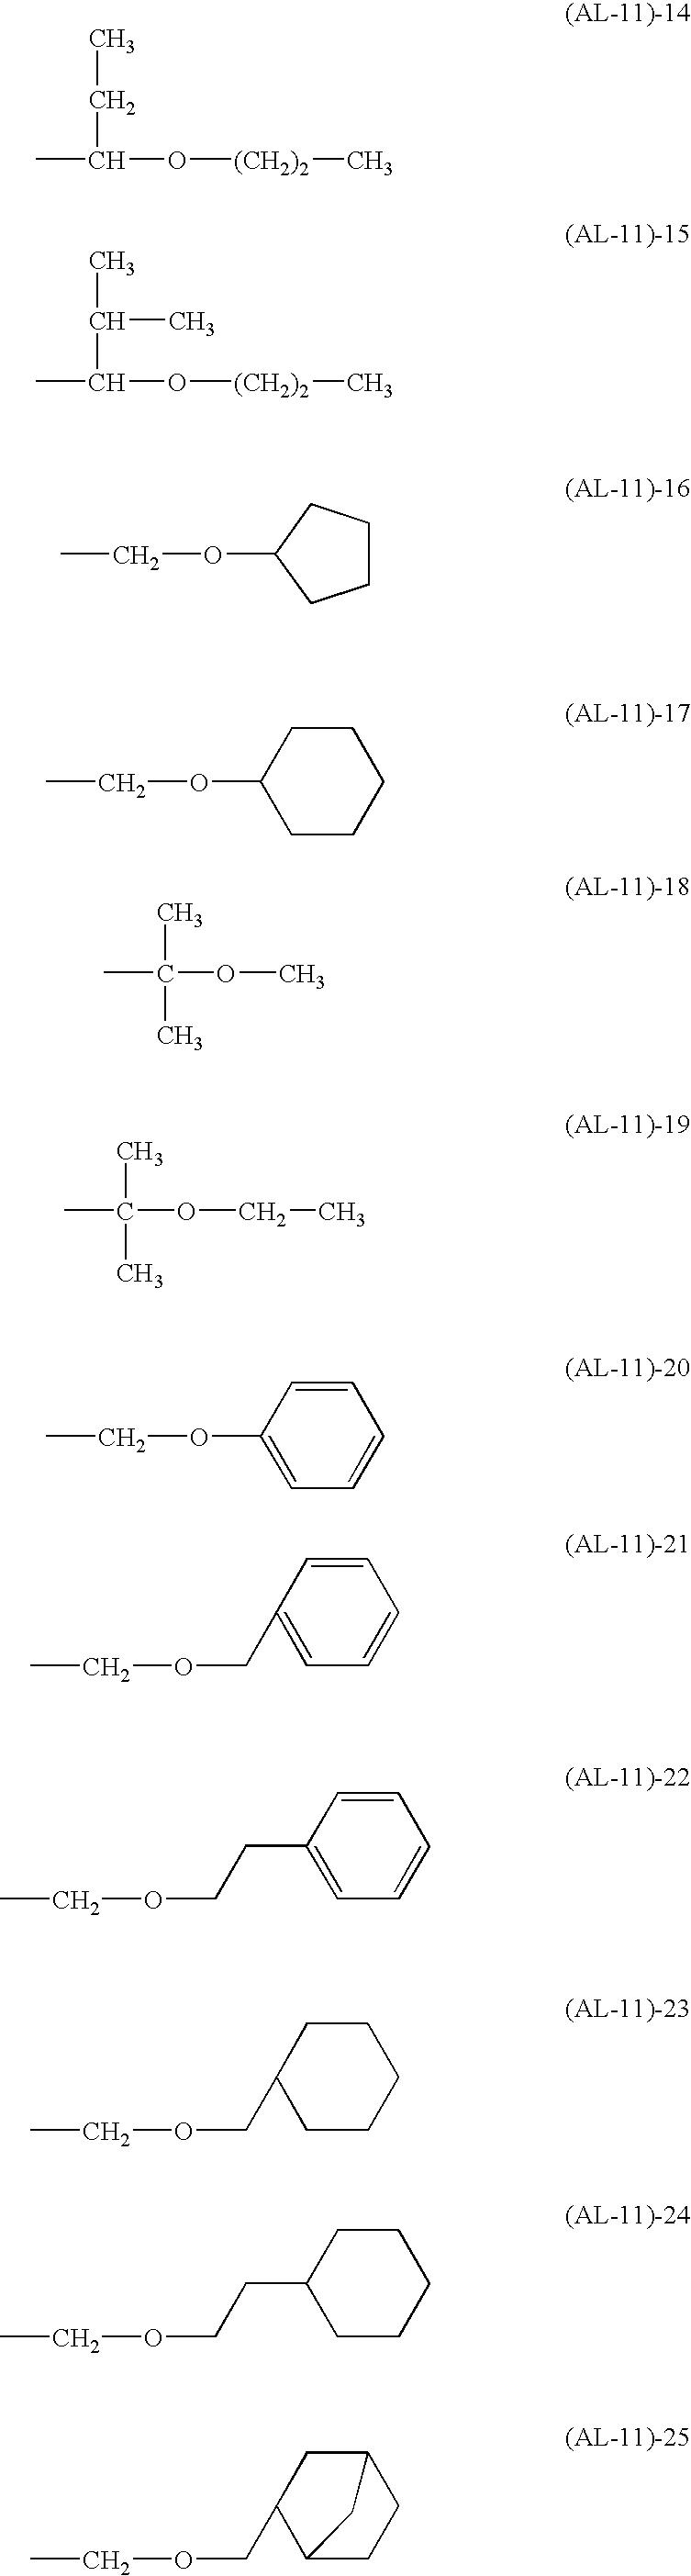 Figure US20100178617A1-20100715-C00013